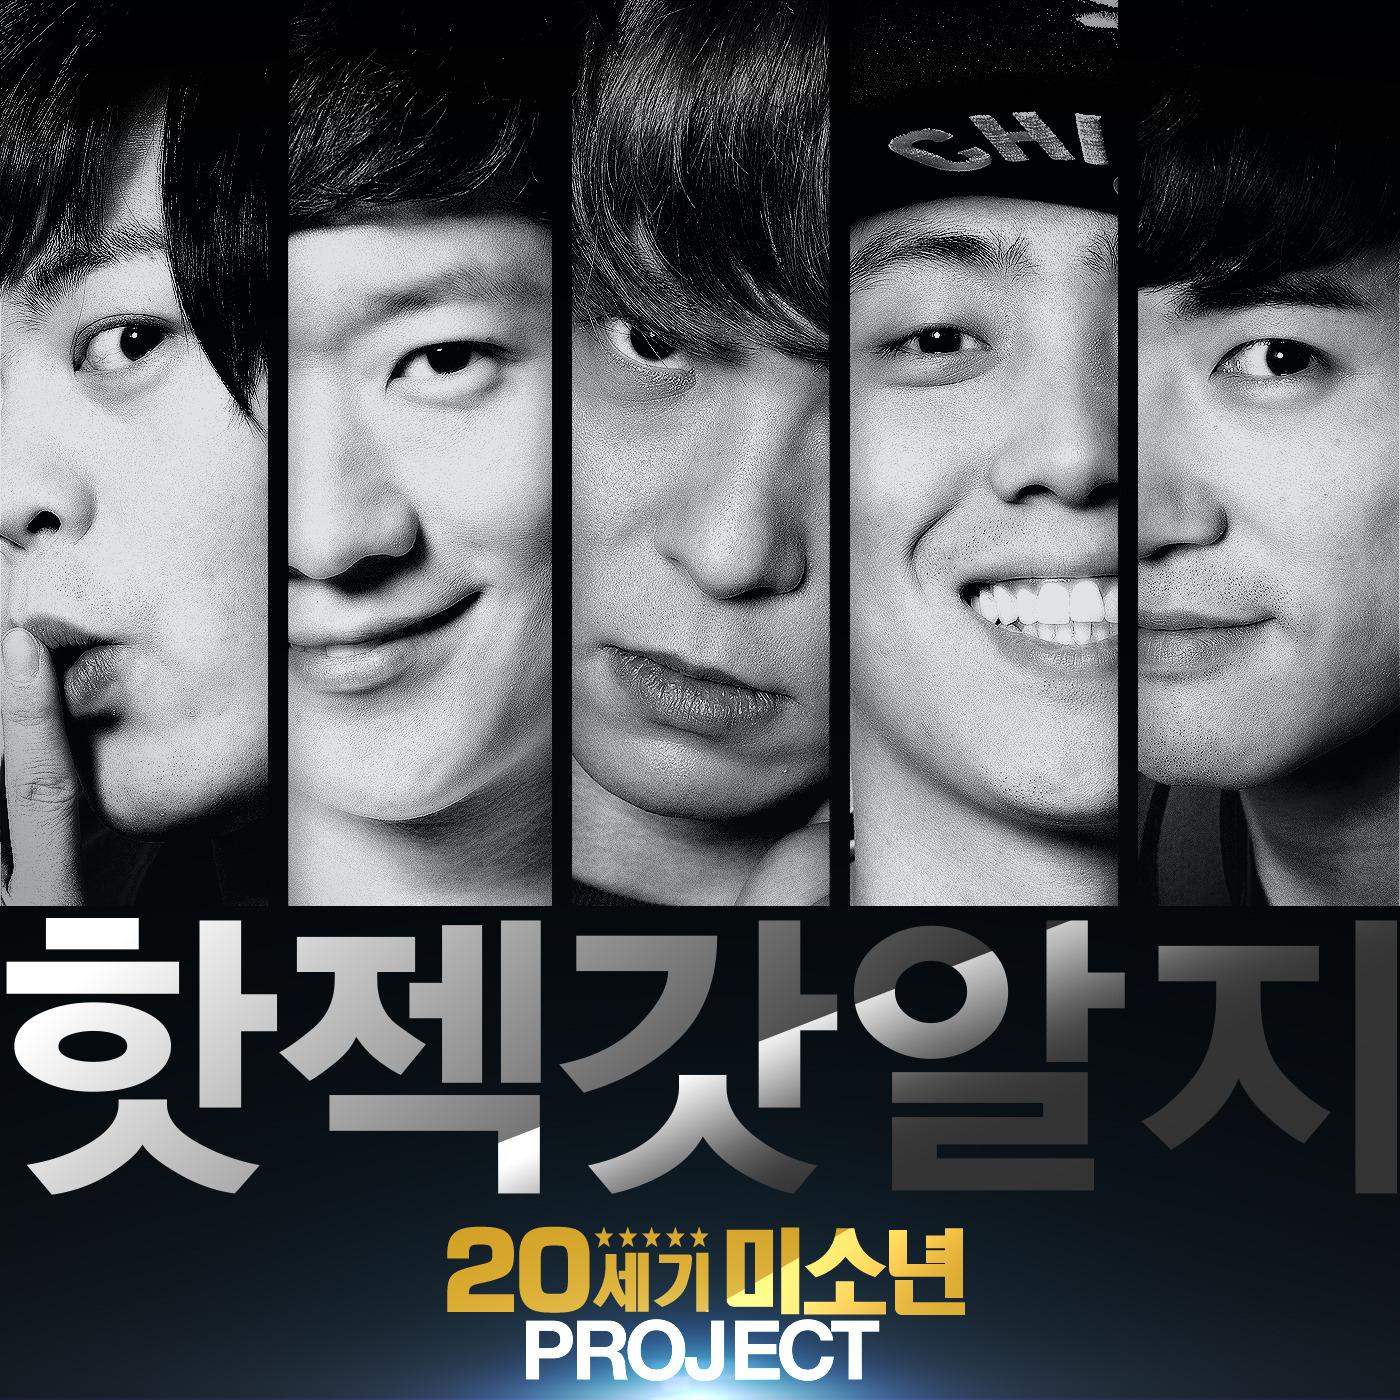 COVER-핫젝갓알지_DS